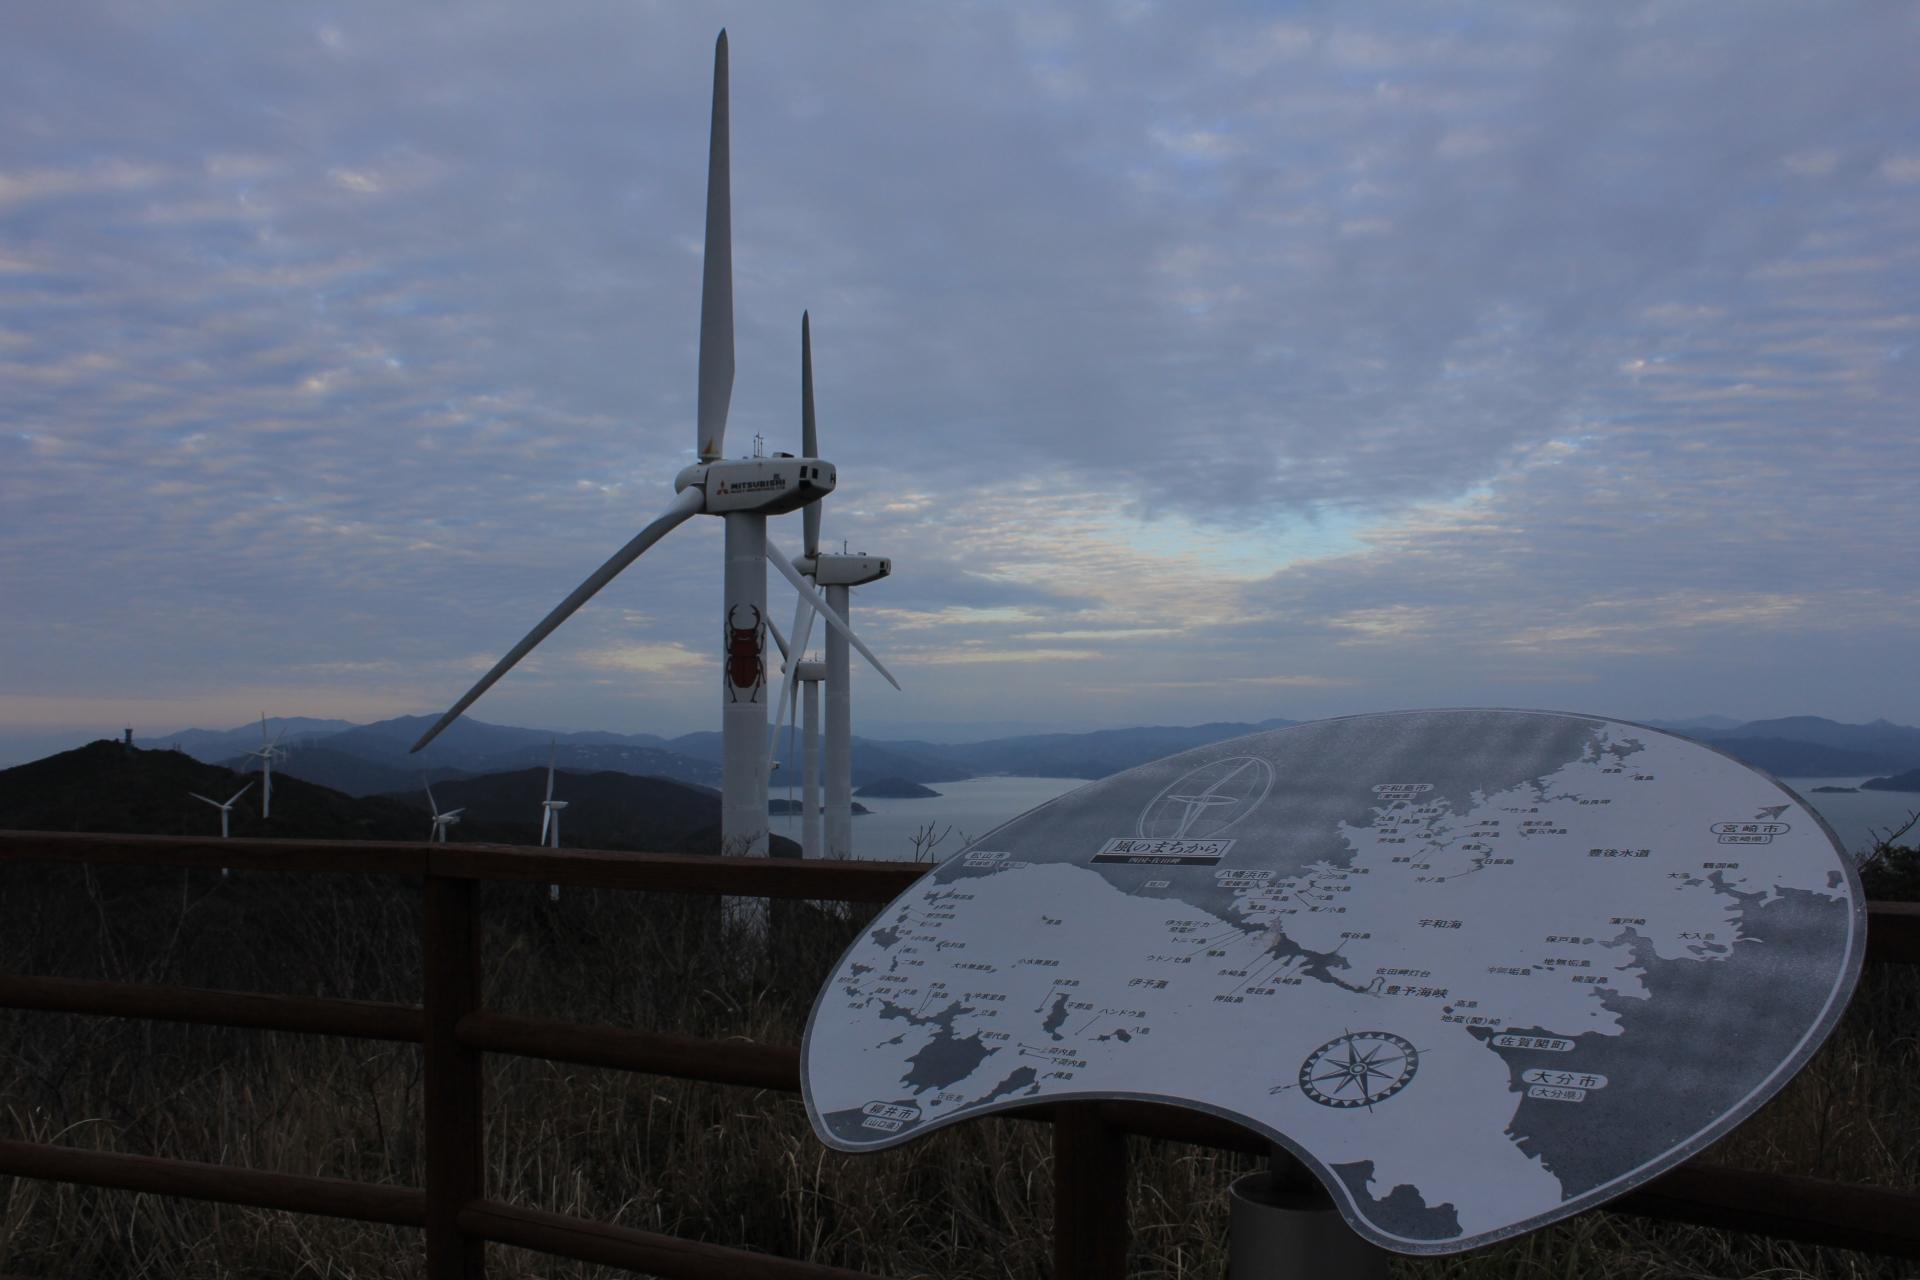 瀬戸風の丘パークから見た瀬戸ウインドヒル発電所の風車